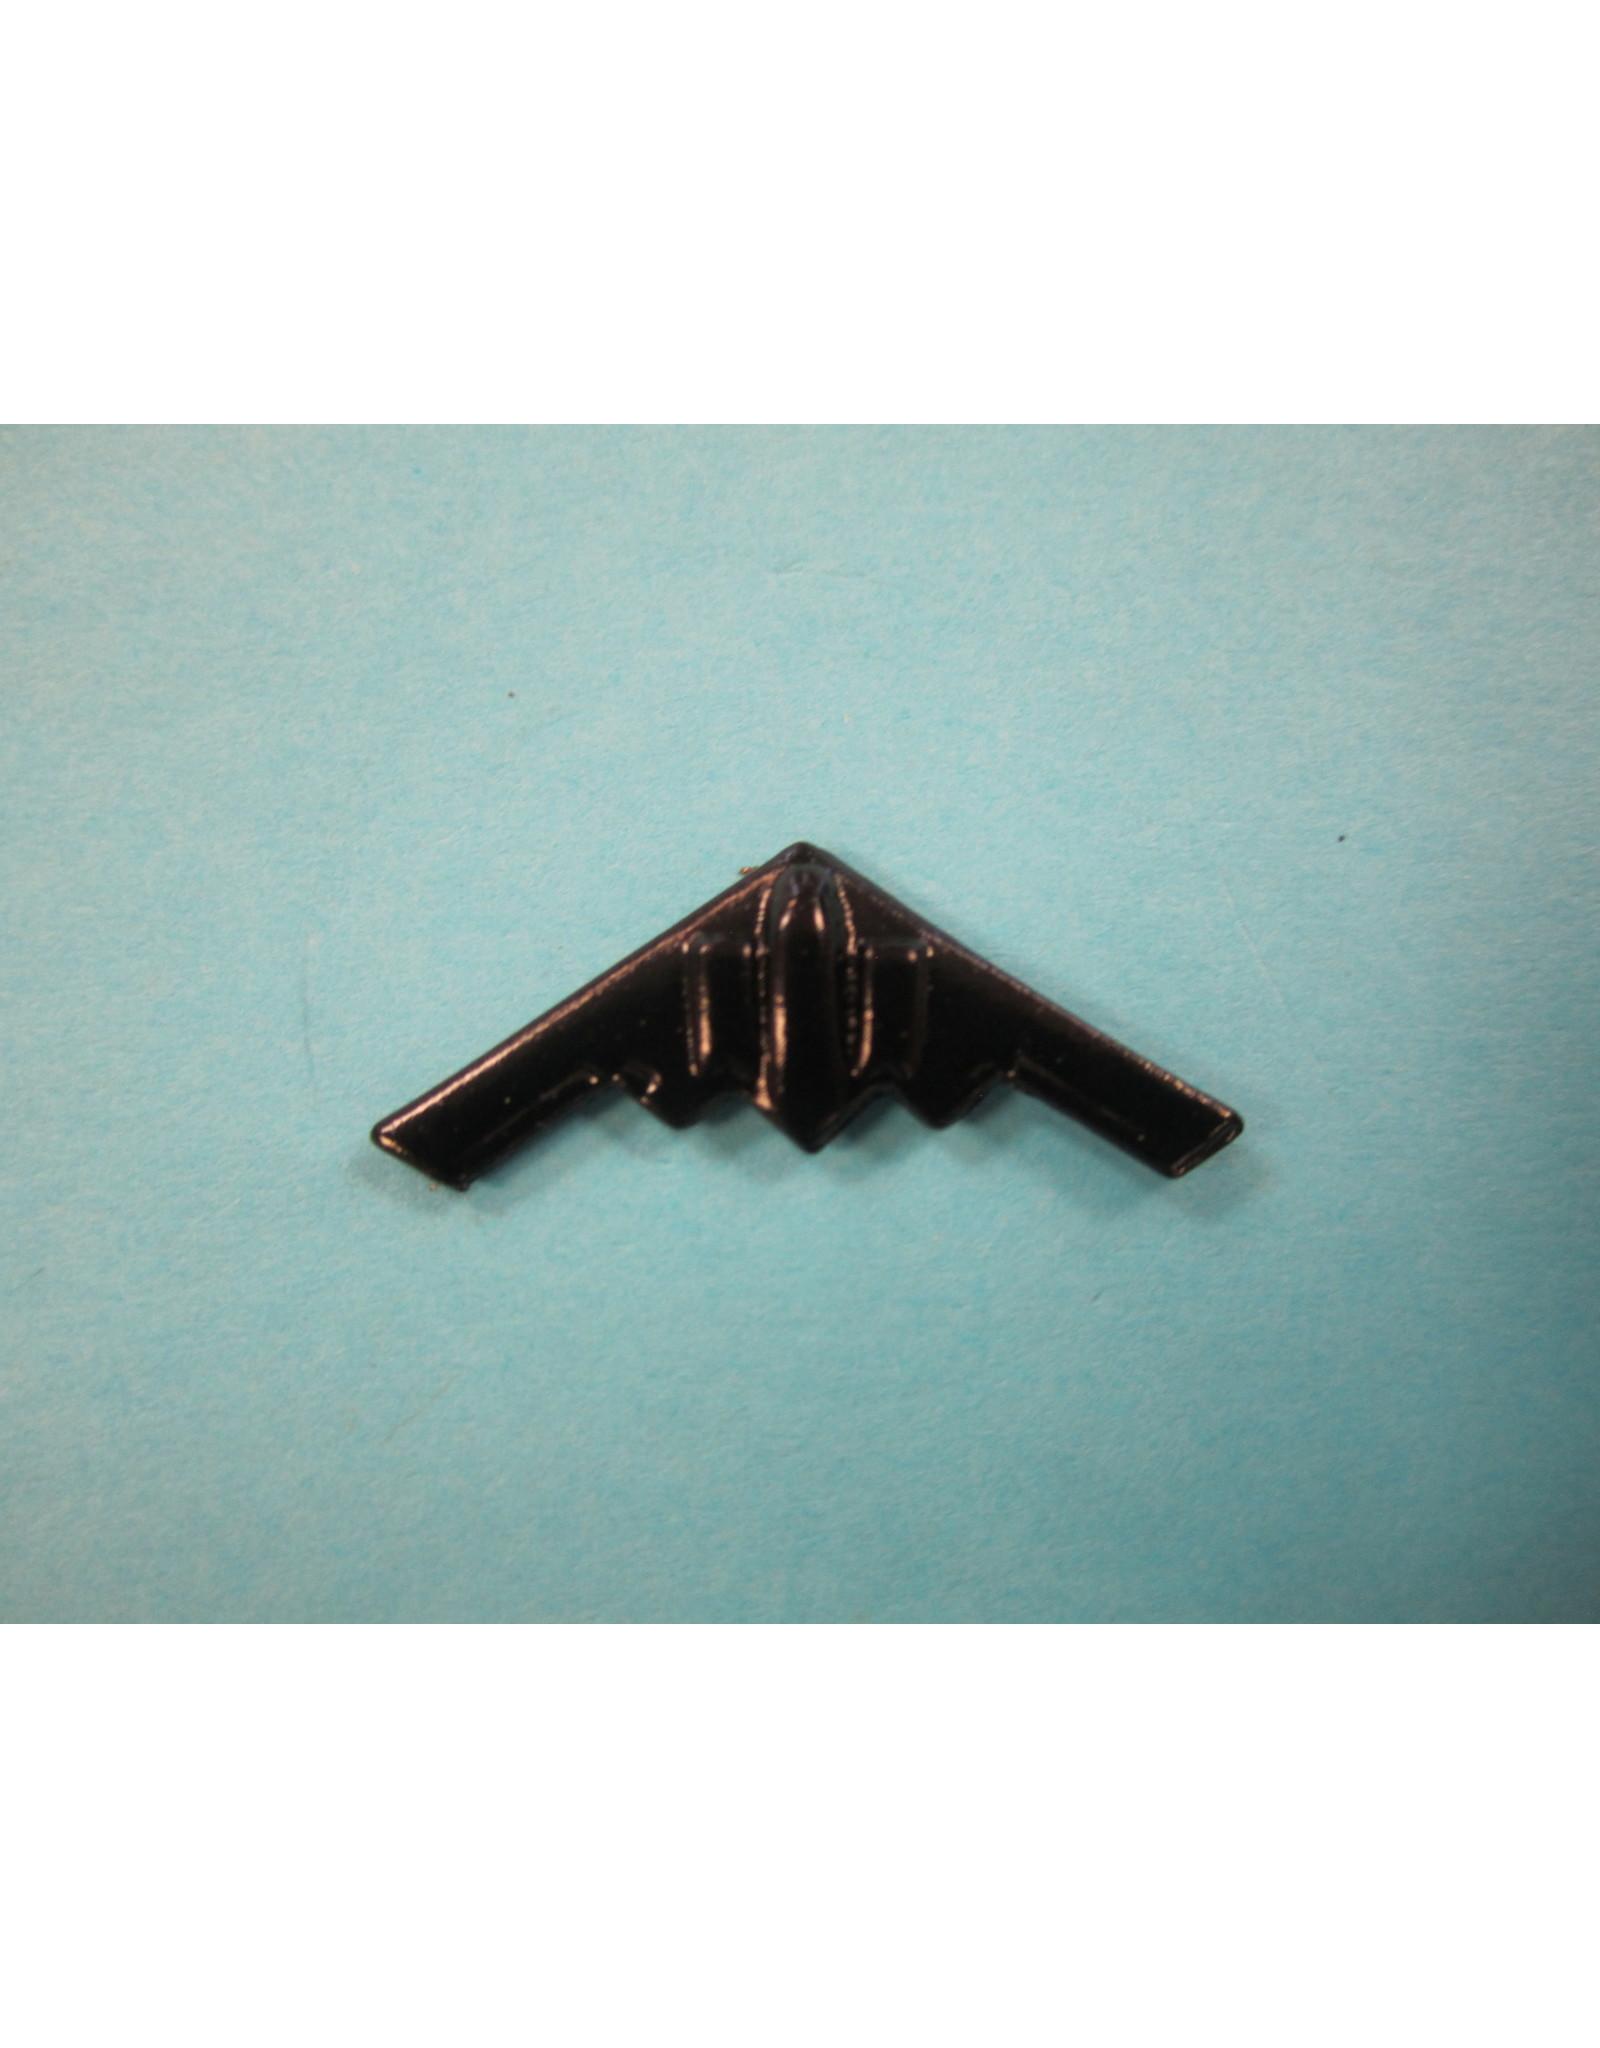 Clivedon Pin Badge B-2 Stealth Bomber, Pin, Black